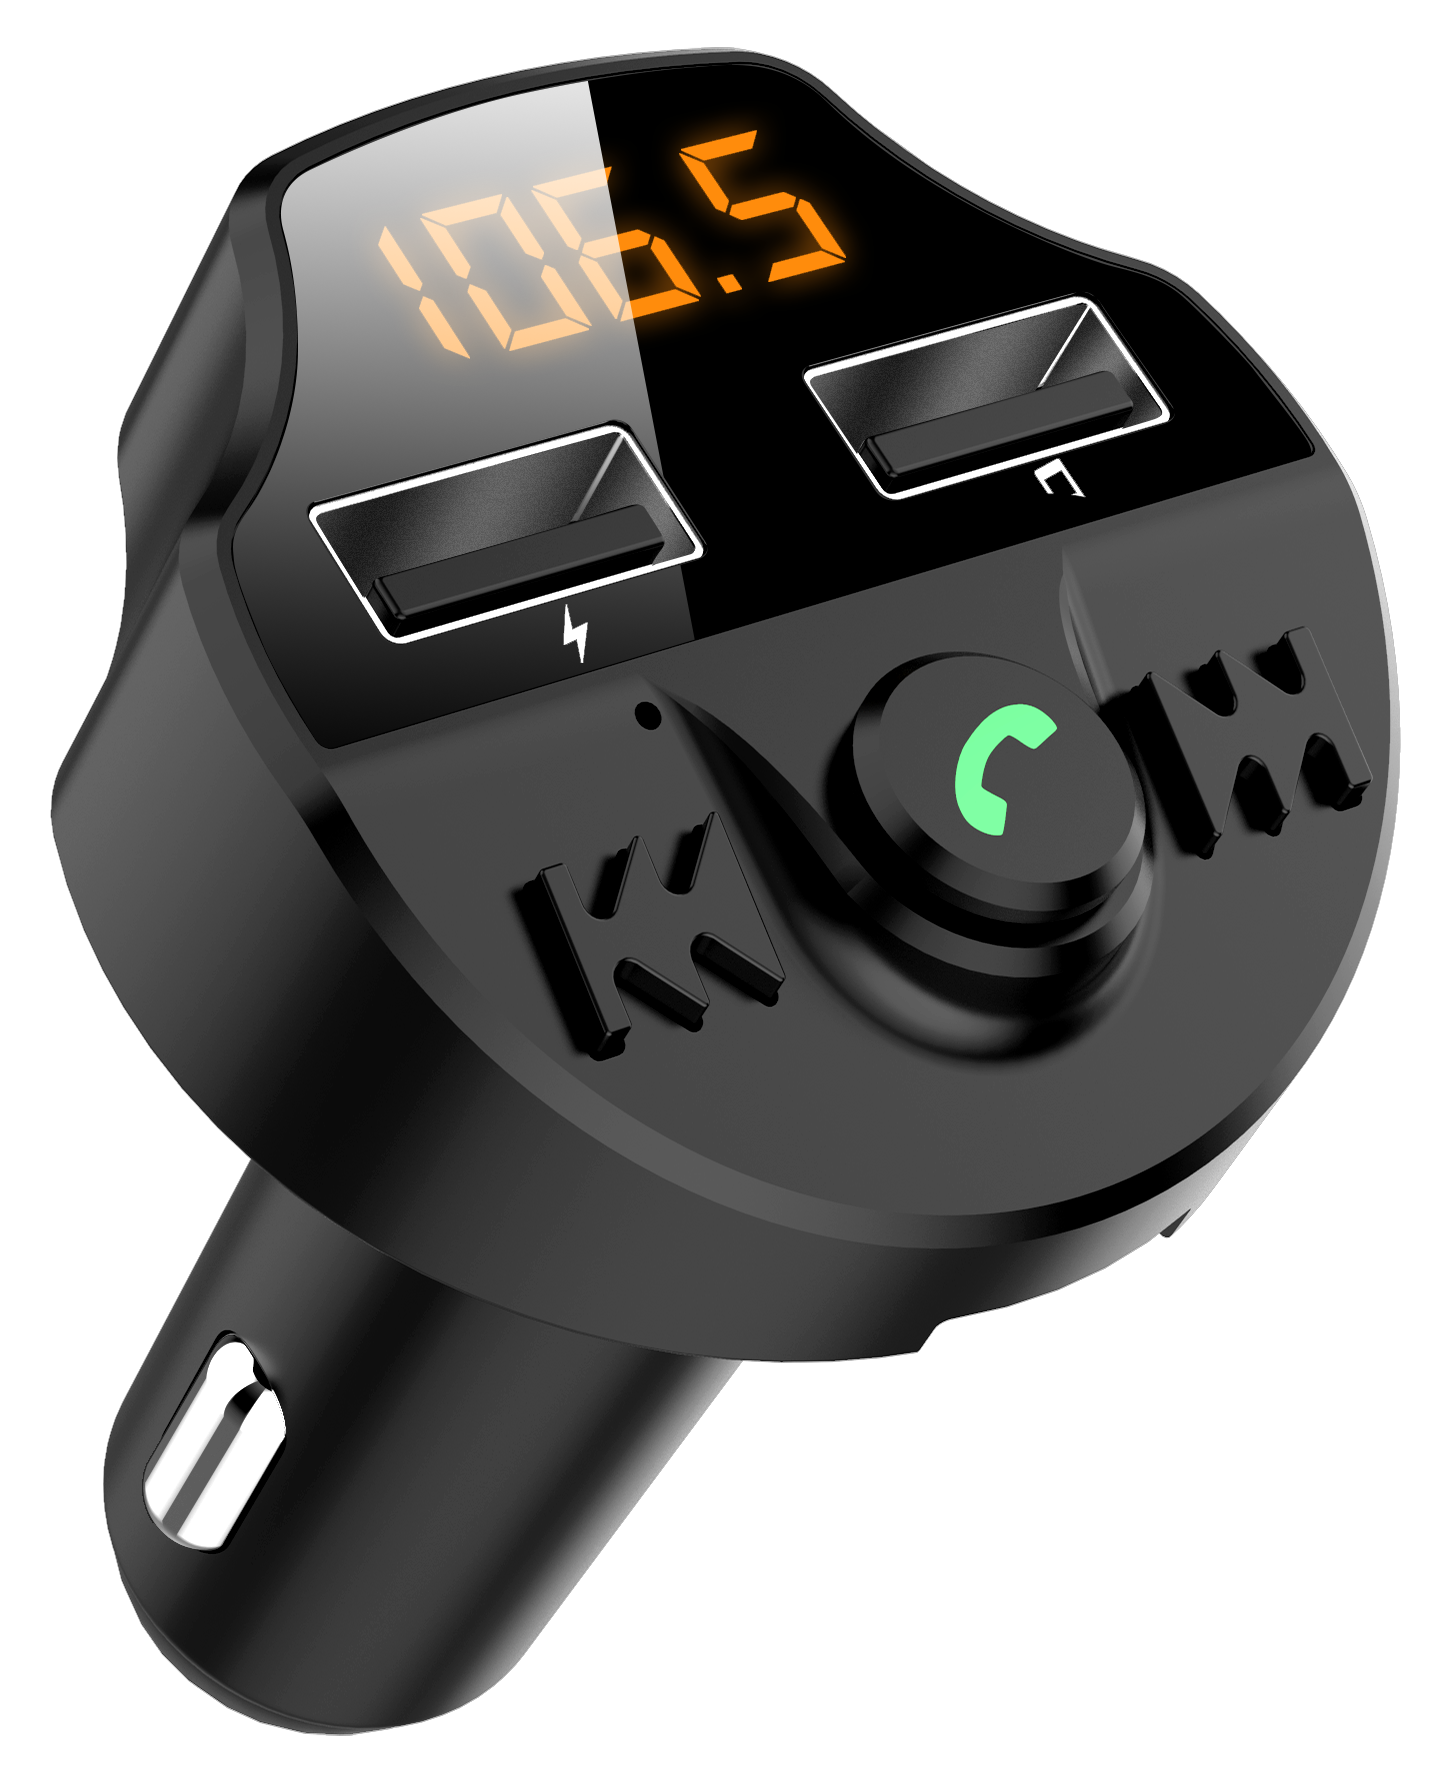 KORSEED samochodowy nadajnik FM, Bluetooth 5.0, Mp3, napięcie baterii Adapter, karty TF, bezprzewodowy, podwójny USB inteligentny Chip